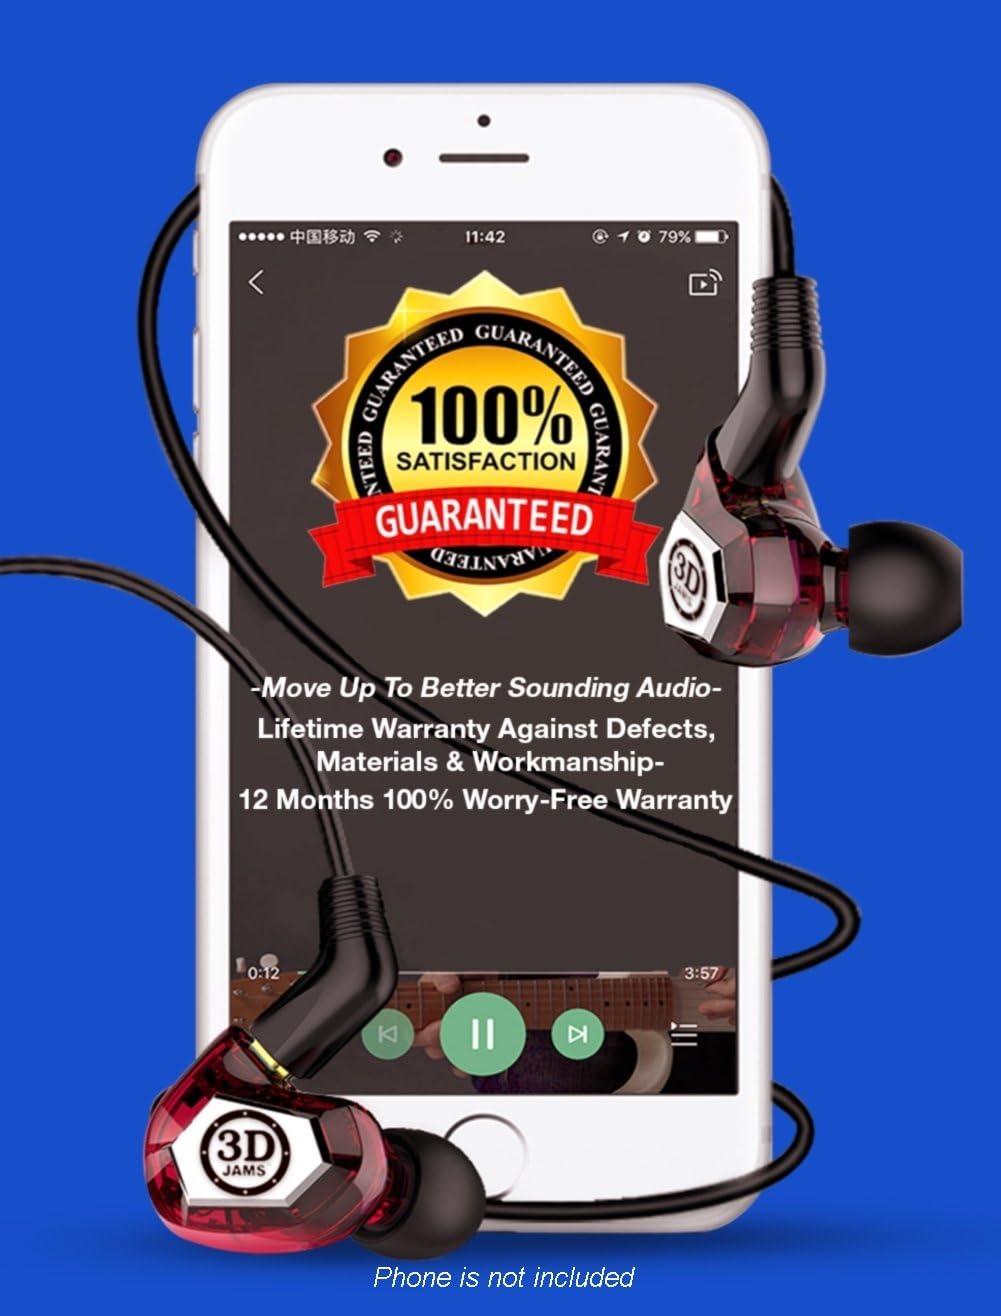 AUDIOPHILE GRADE IN Ear Monitor. Nuestro mejor auricular con nueva tecnología patentada para sonido realista 3D de gran apertura. Los auriculares tienen controladores triples. Graves profundos. A prueba de sudor. Tapones aislantes